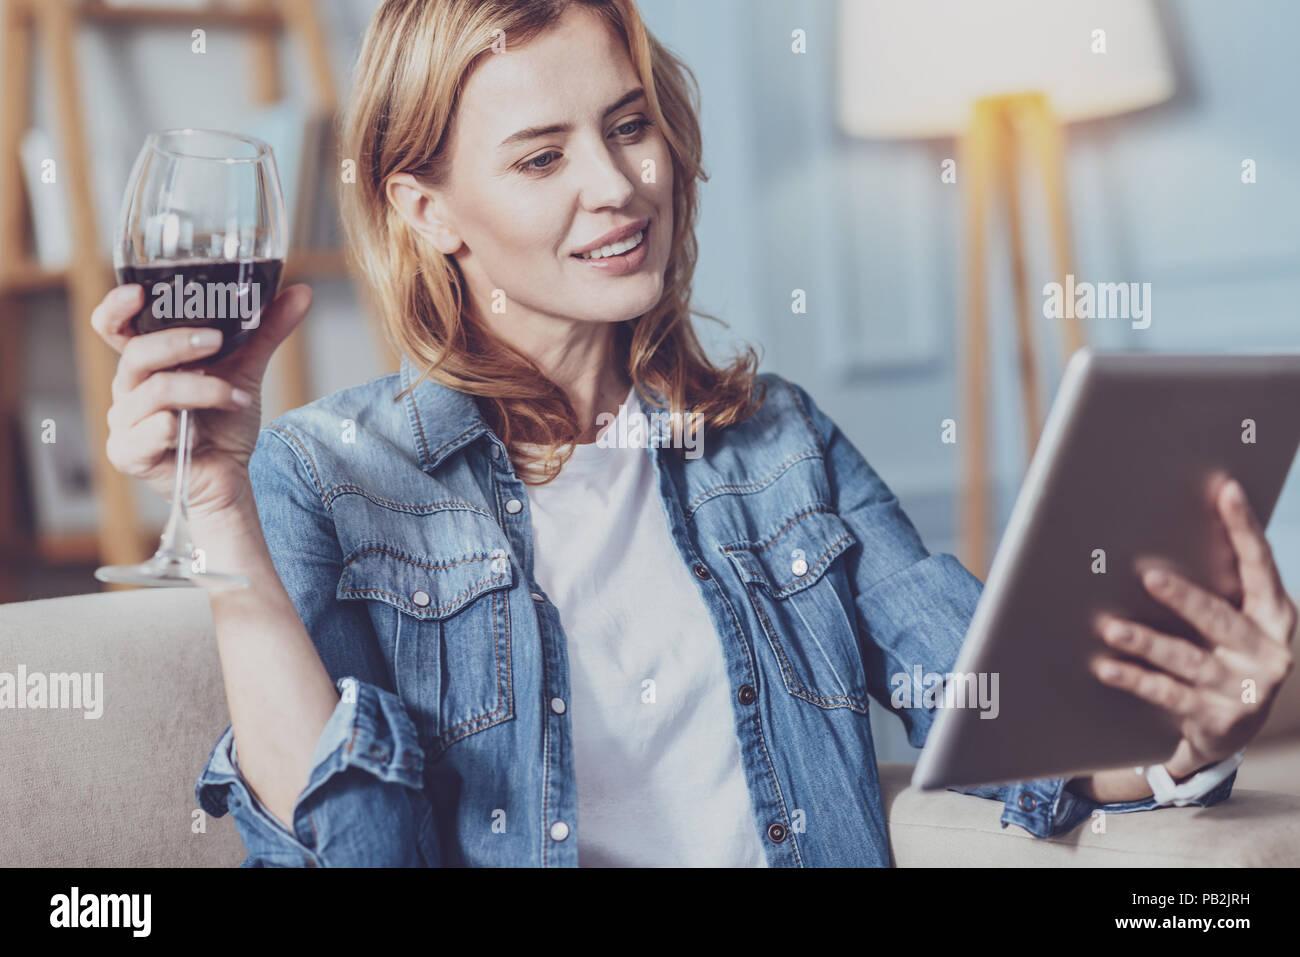 Gerne junge Frau trinkt Wein Stockbild